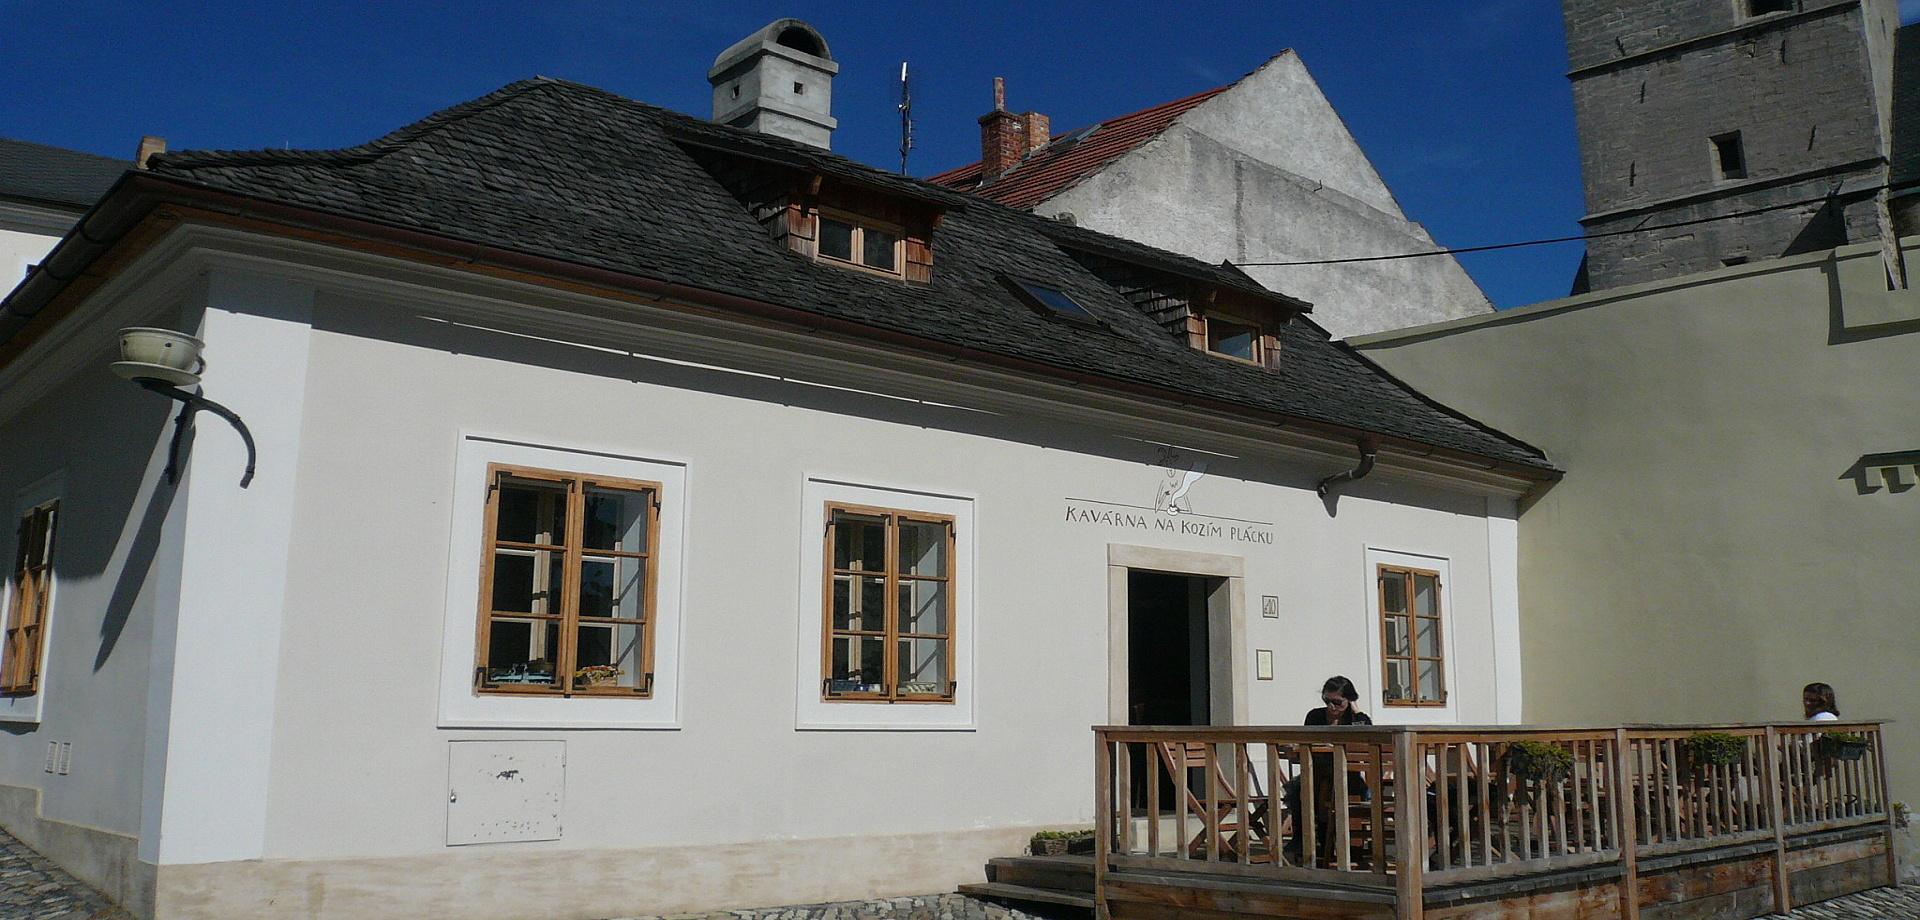 Penzion Kavárna na Kozím plácku (1)